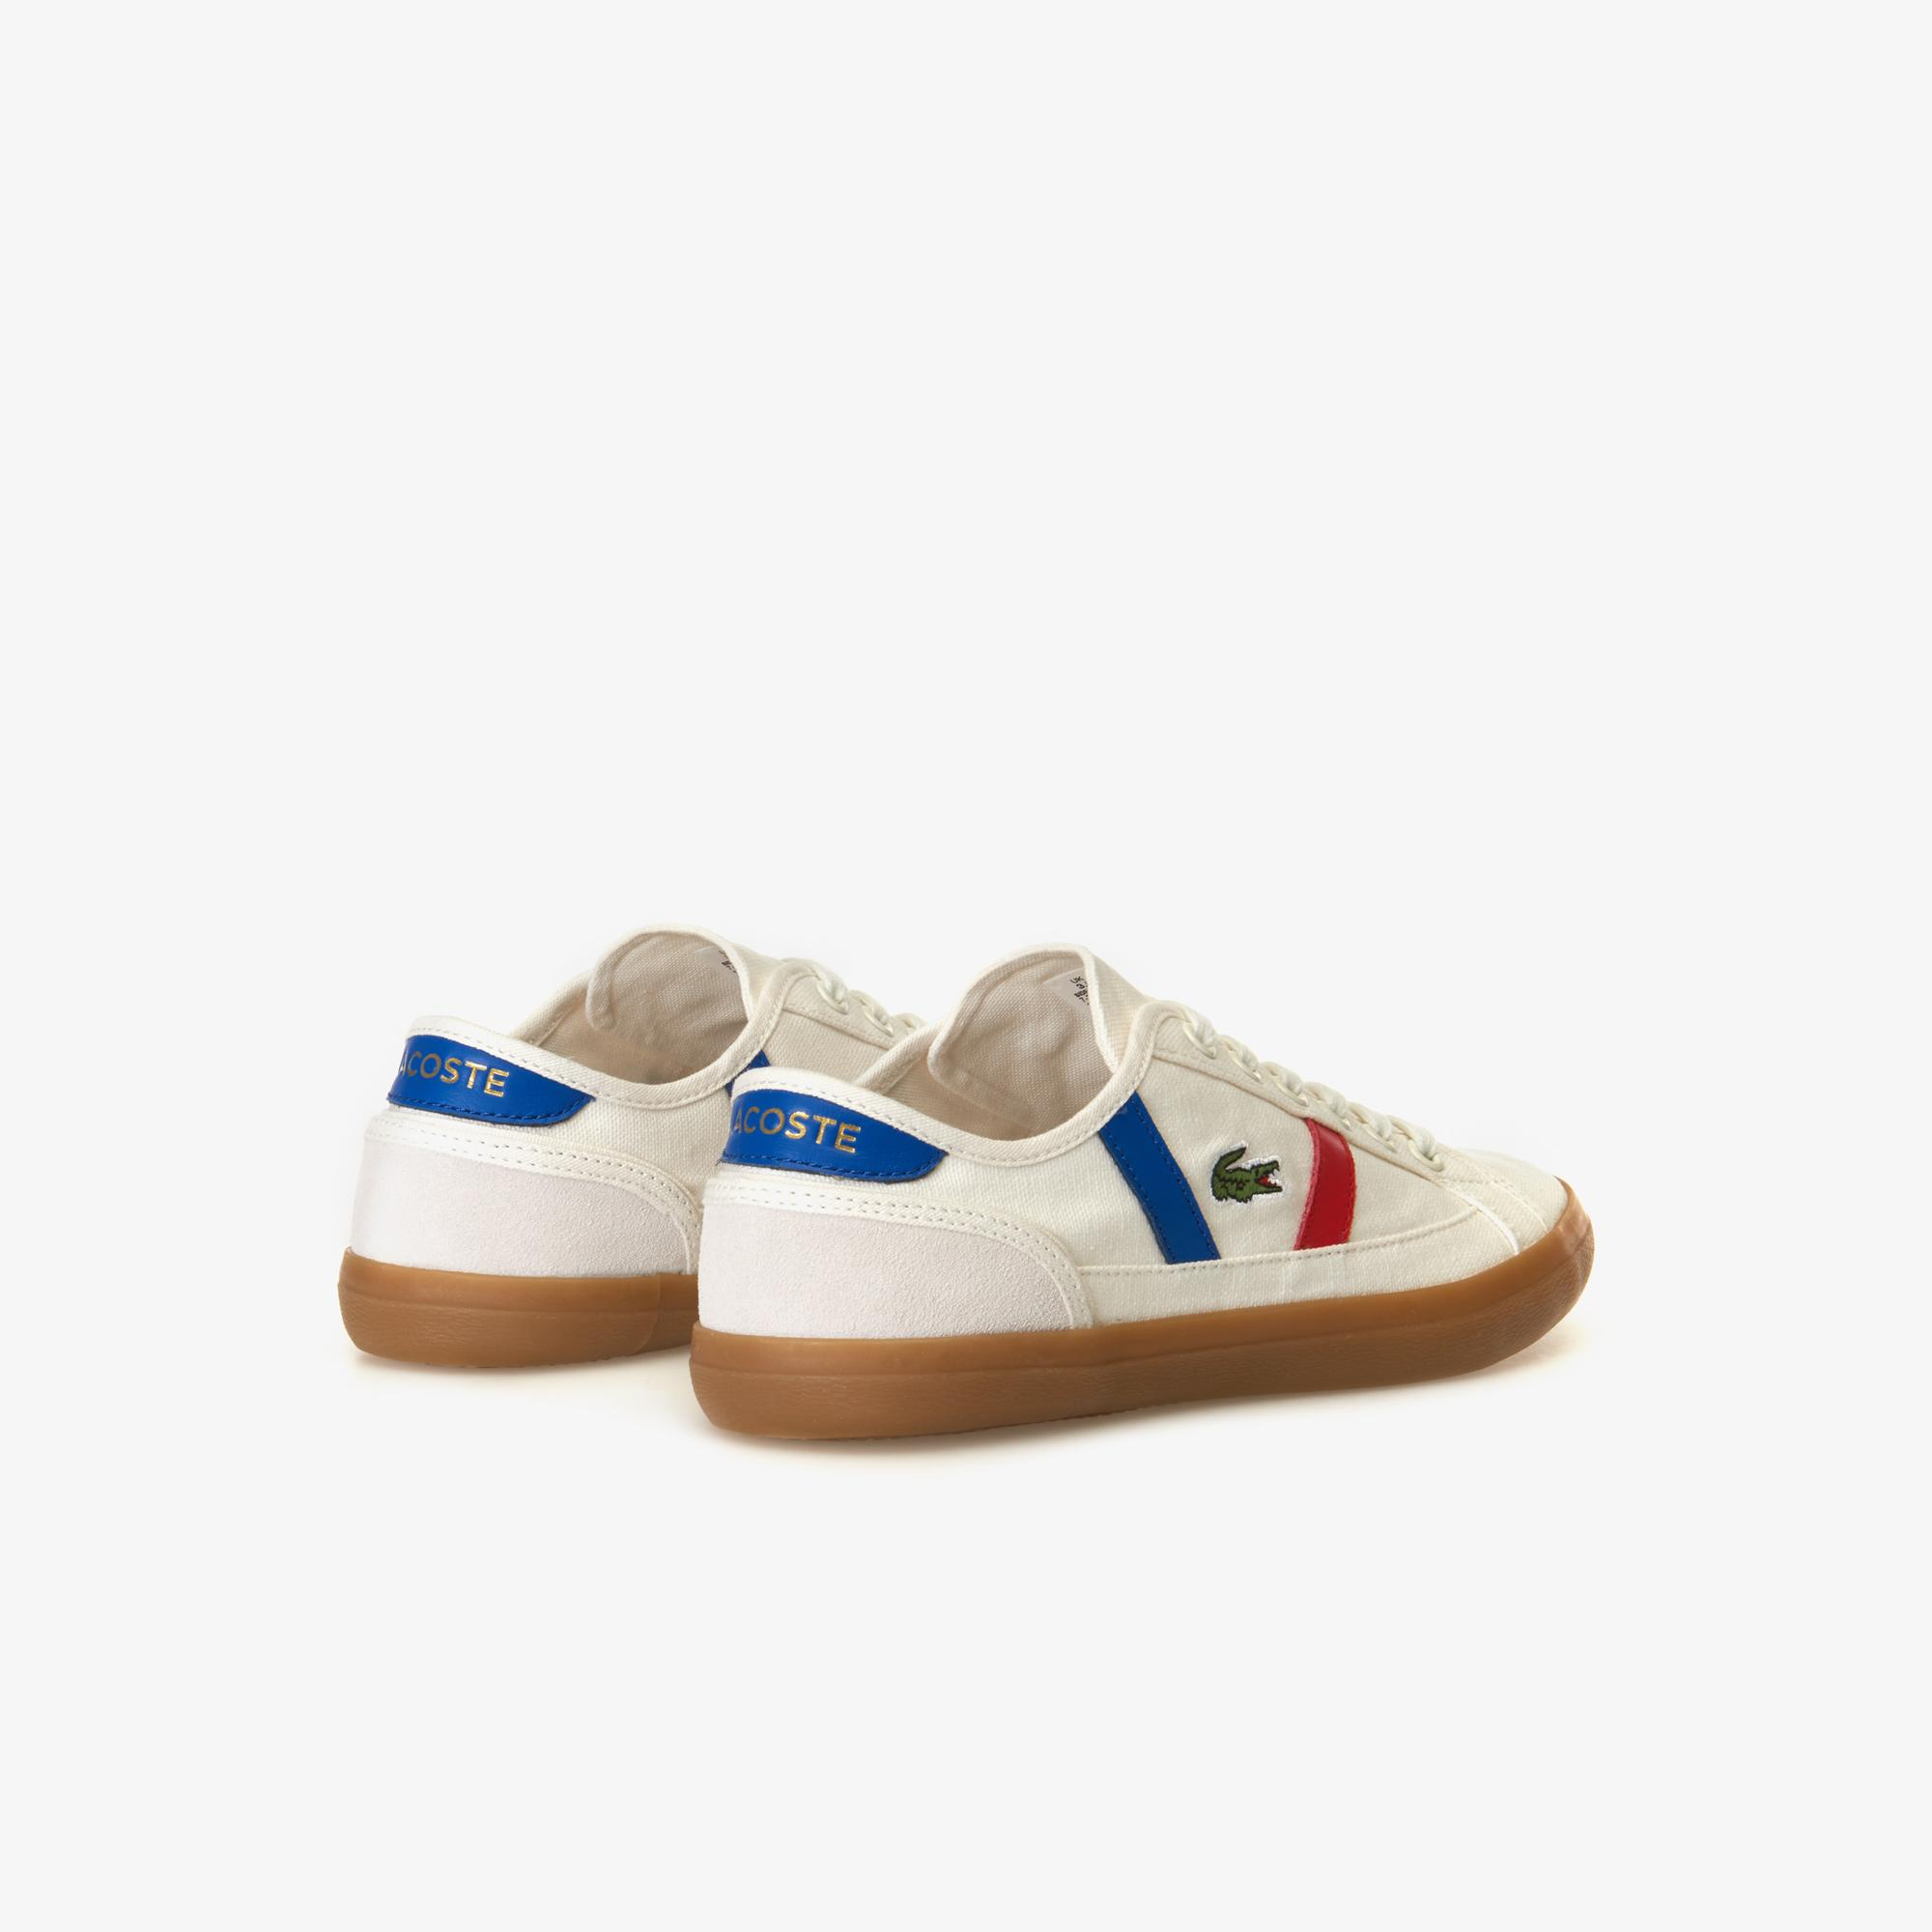 Lacoste Sideline 119 4 Damskie Sneakers